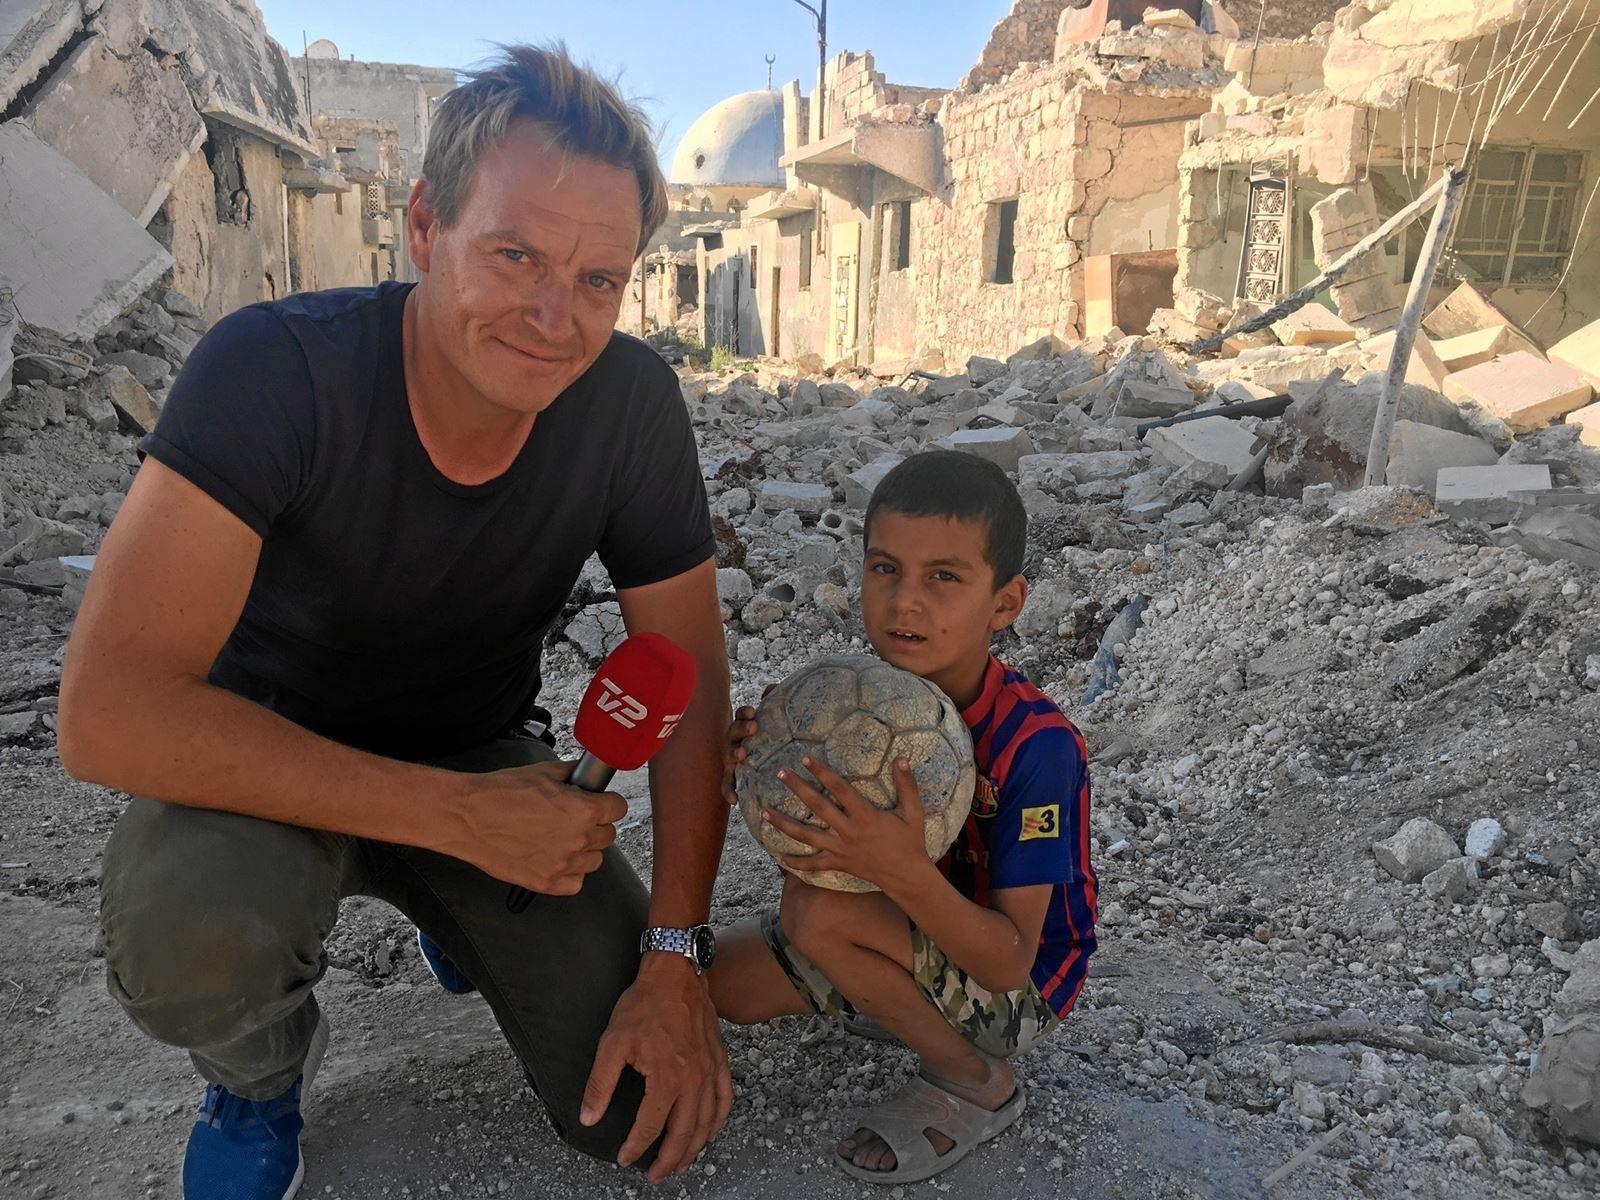 Rasmus Tantholdt ville have været lykkelig for et fast job i Holstebro, men da han blev sendt til Irak, ændrede det hans liv